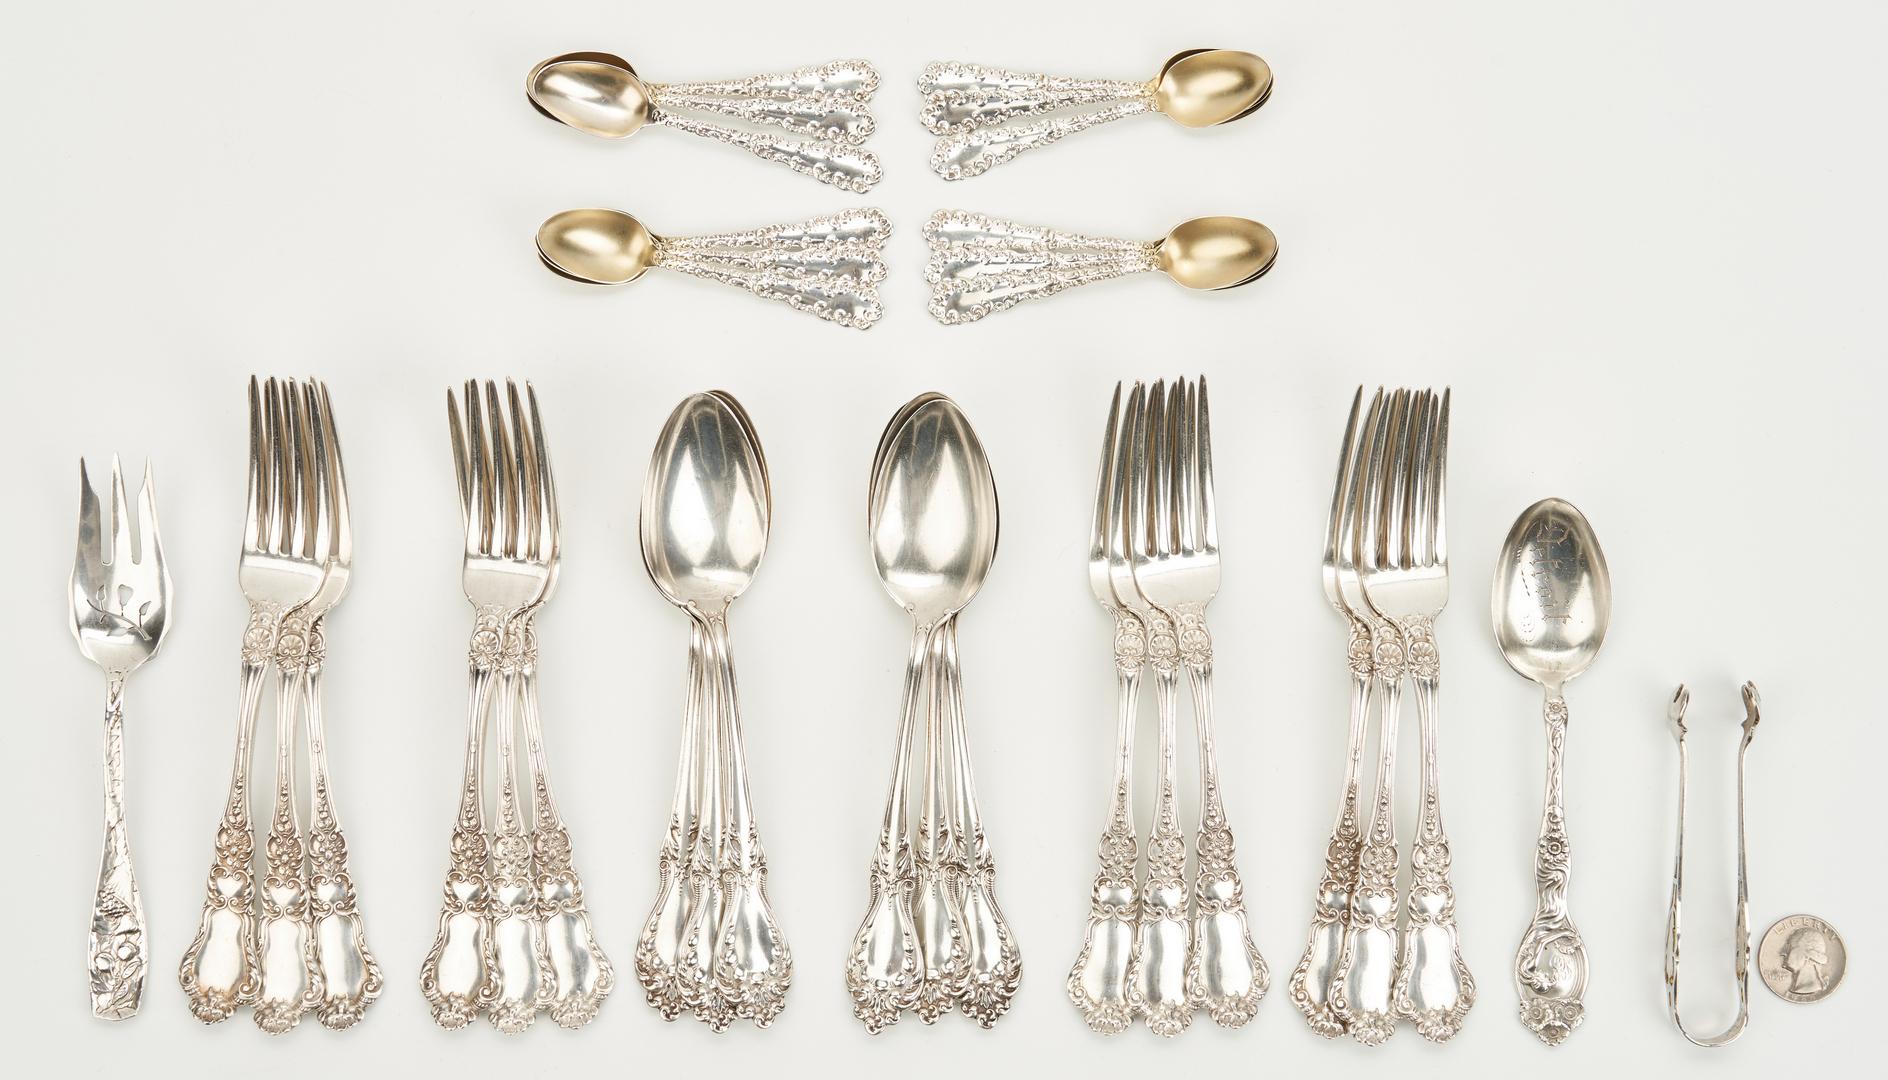 Lot 806: 33 pcs Antique Silver flatware, various patterns